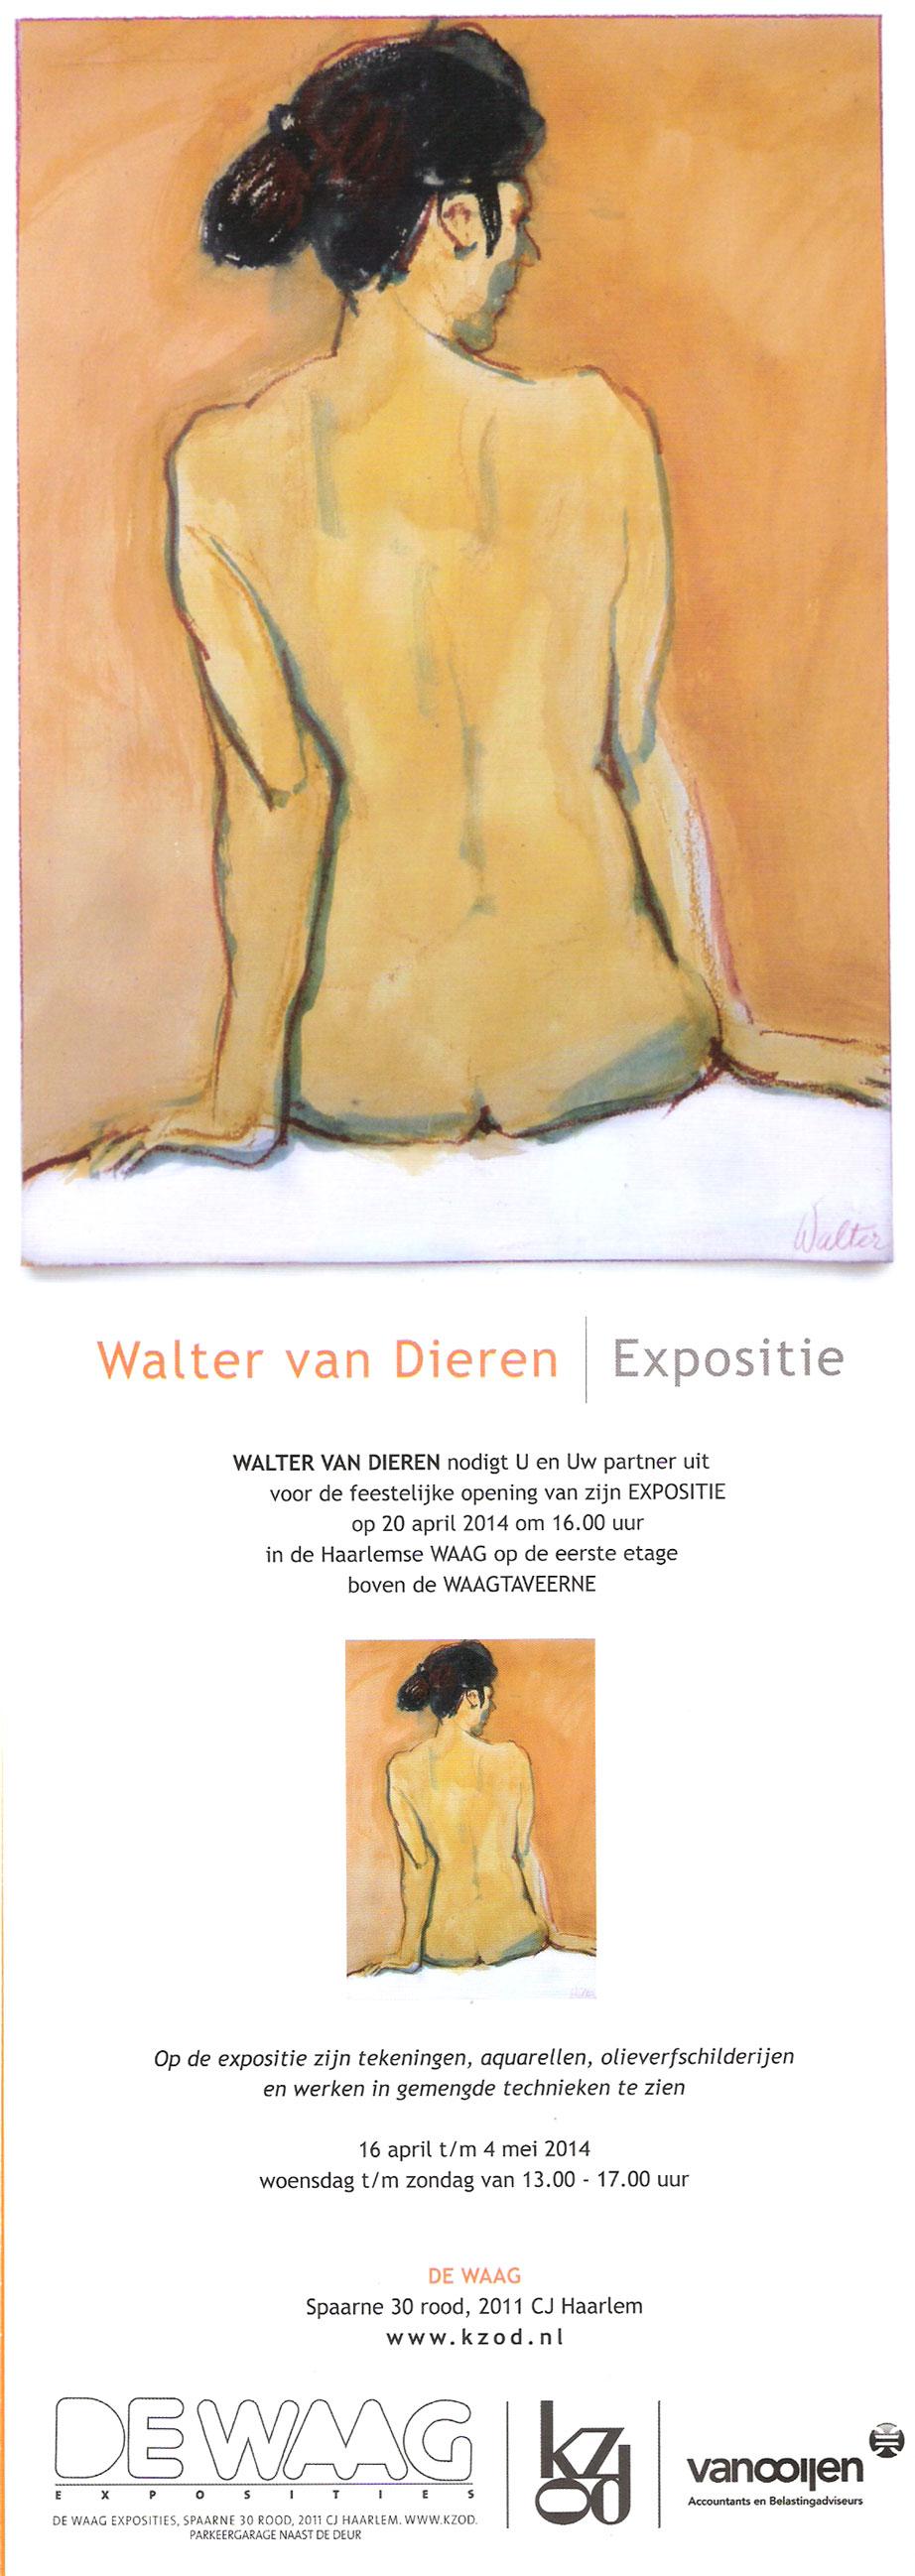 Walter van Dieren | Expositie